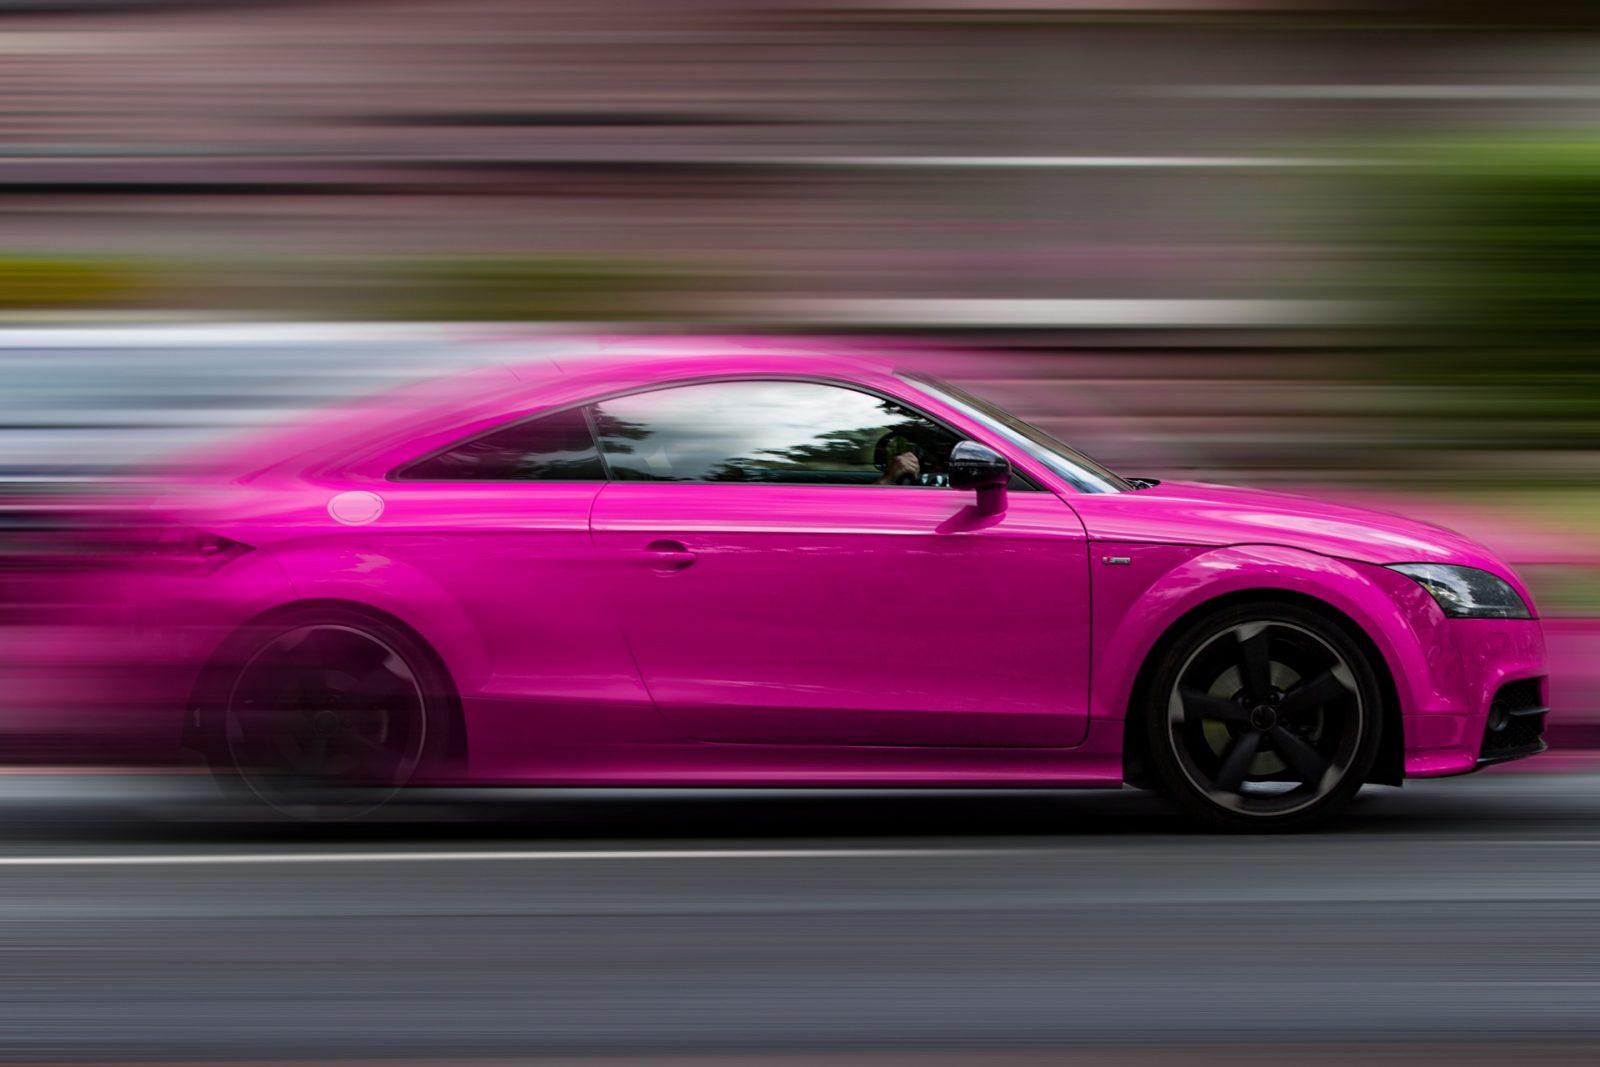 Быстрый розовый автомобиль